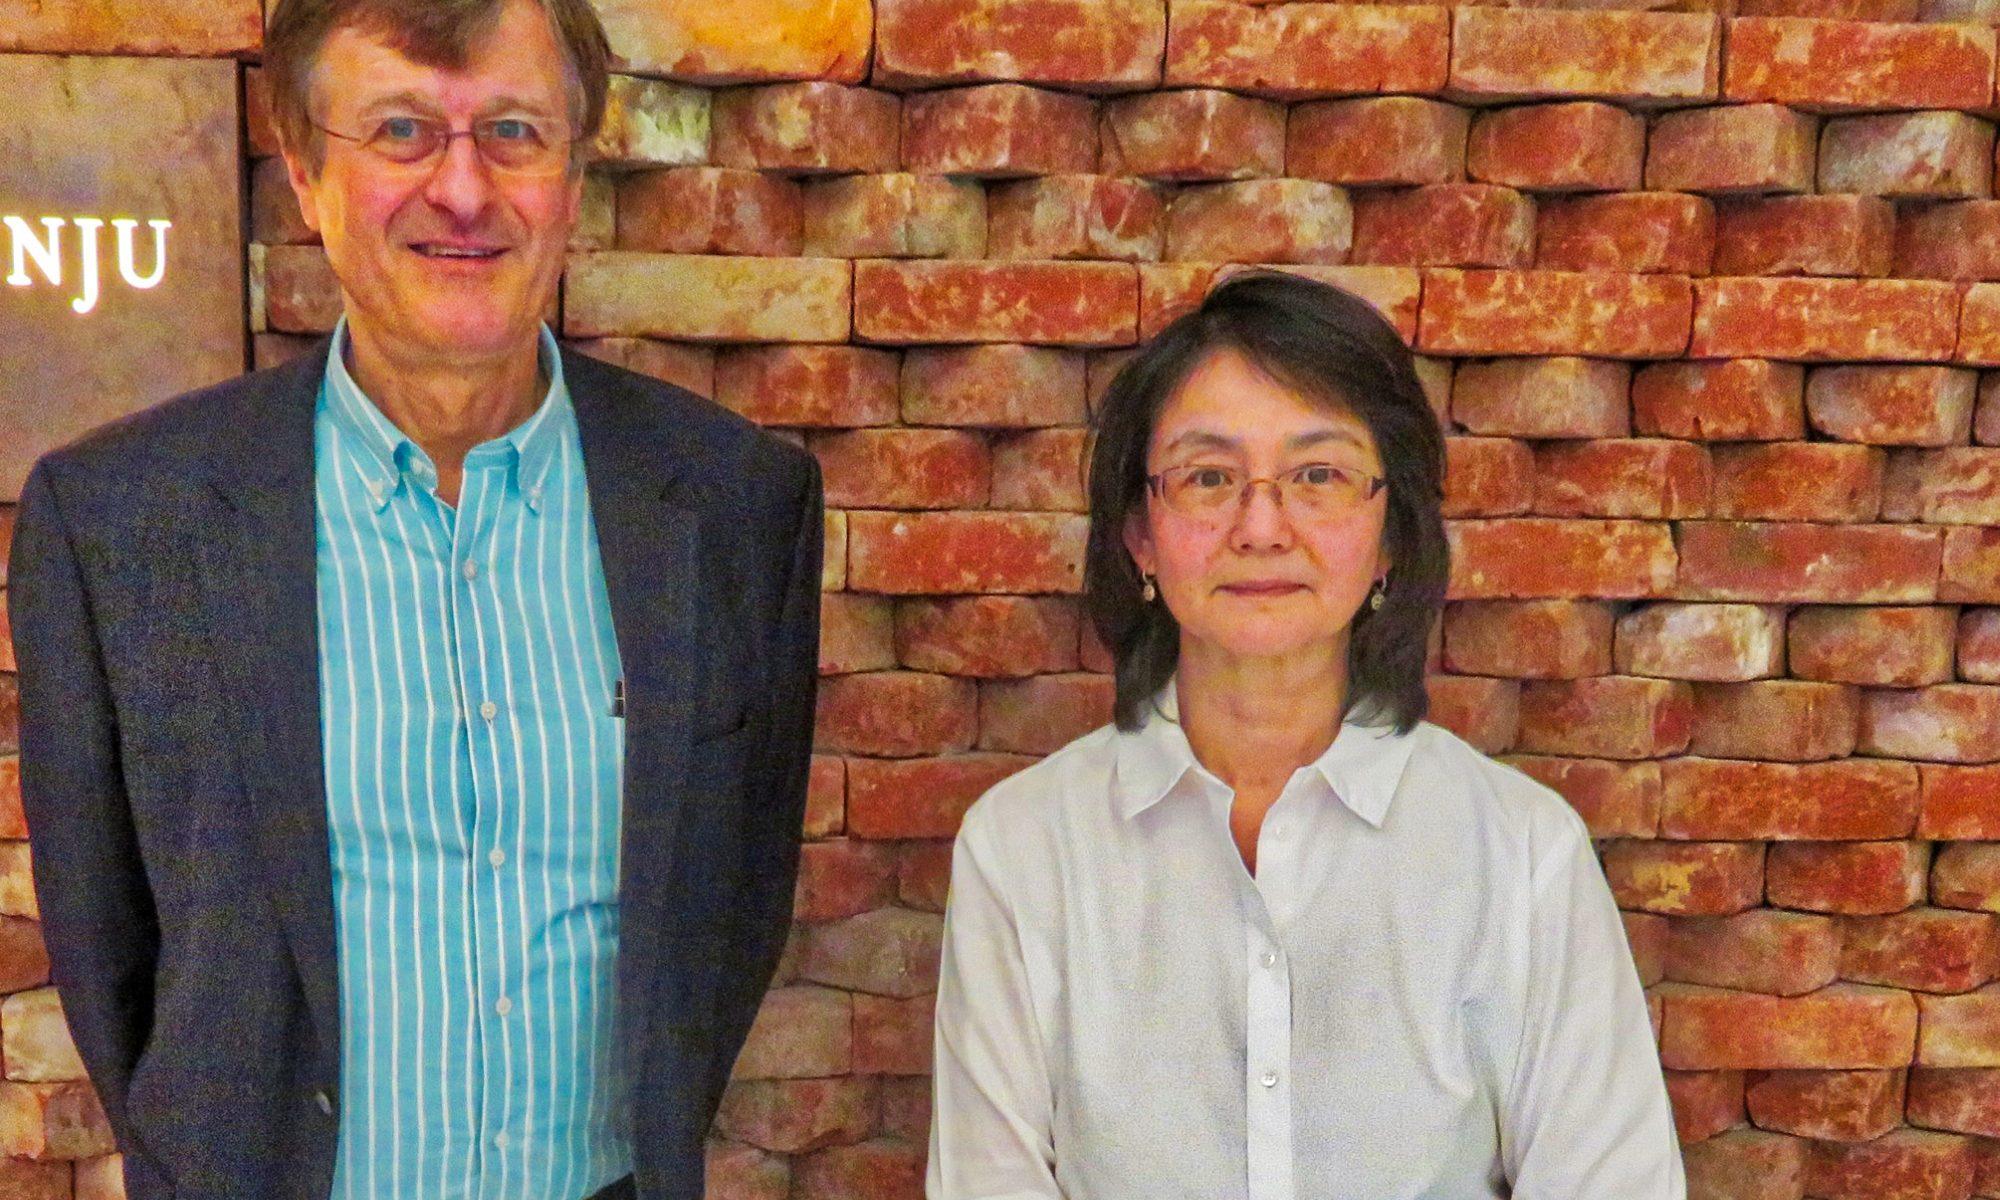 楠川幸子先生、トリニティーカレッジフェローとファーソルゲルハルトのミーテイング 2018年3月27日